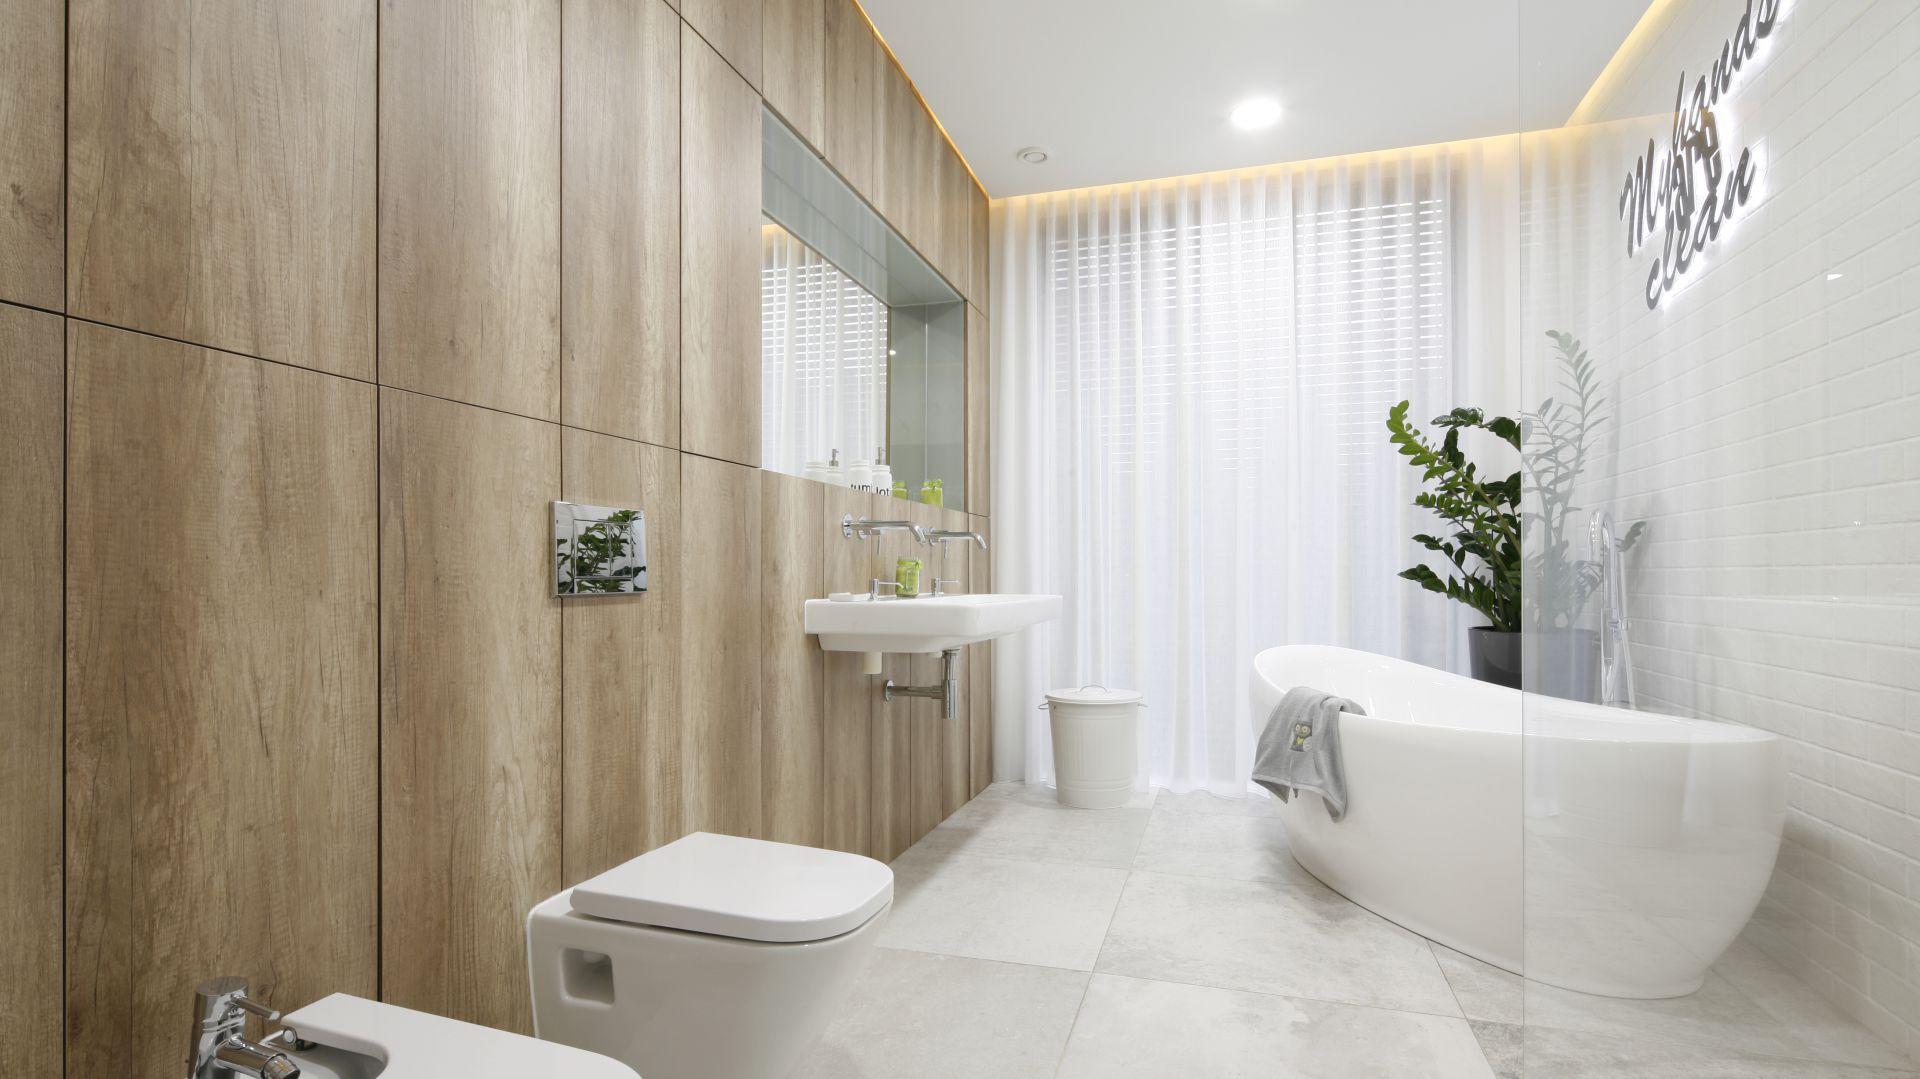 Tłem dla wyposażenia łazienki są duże powierzchnie wykończone różnymi materiałami o zróżnicowanej fakturze. Projekt: Dariusz Grabowski. Fot. Bartosz Jarosz